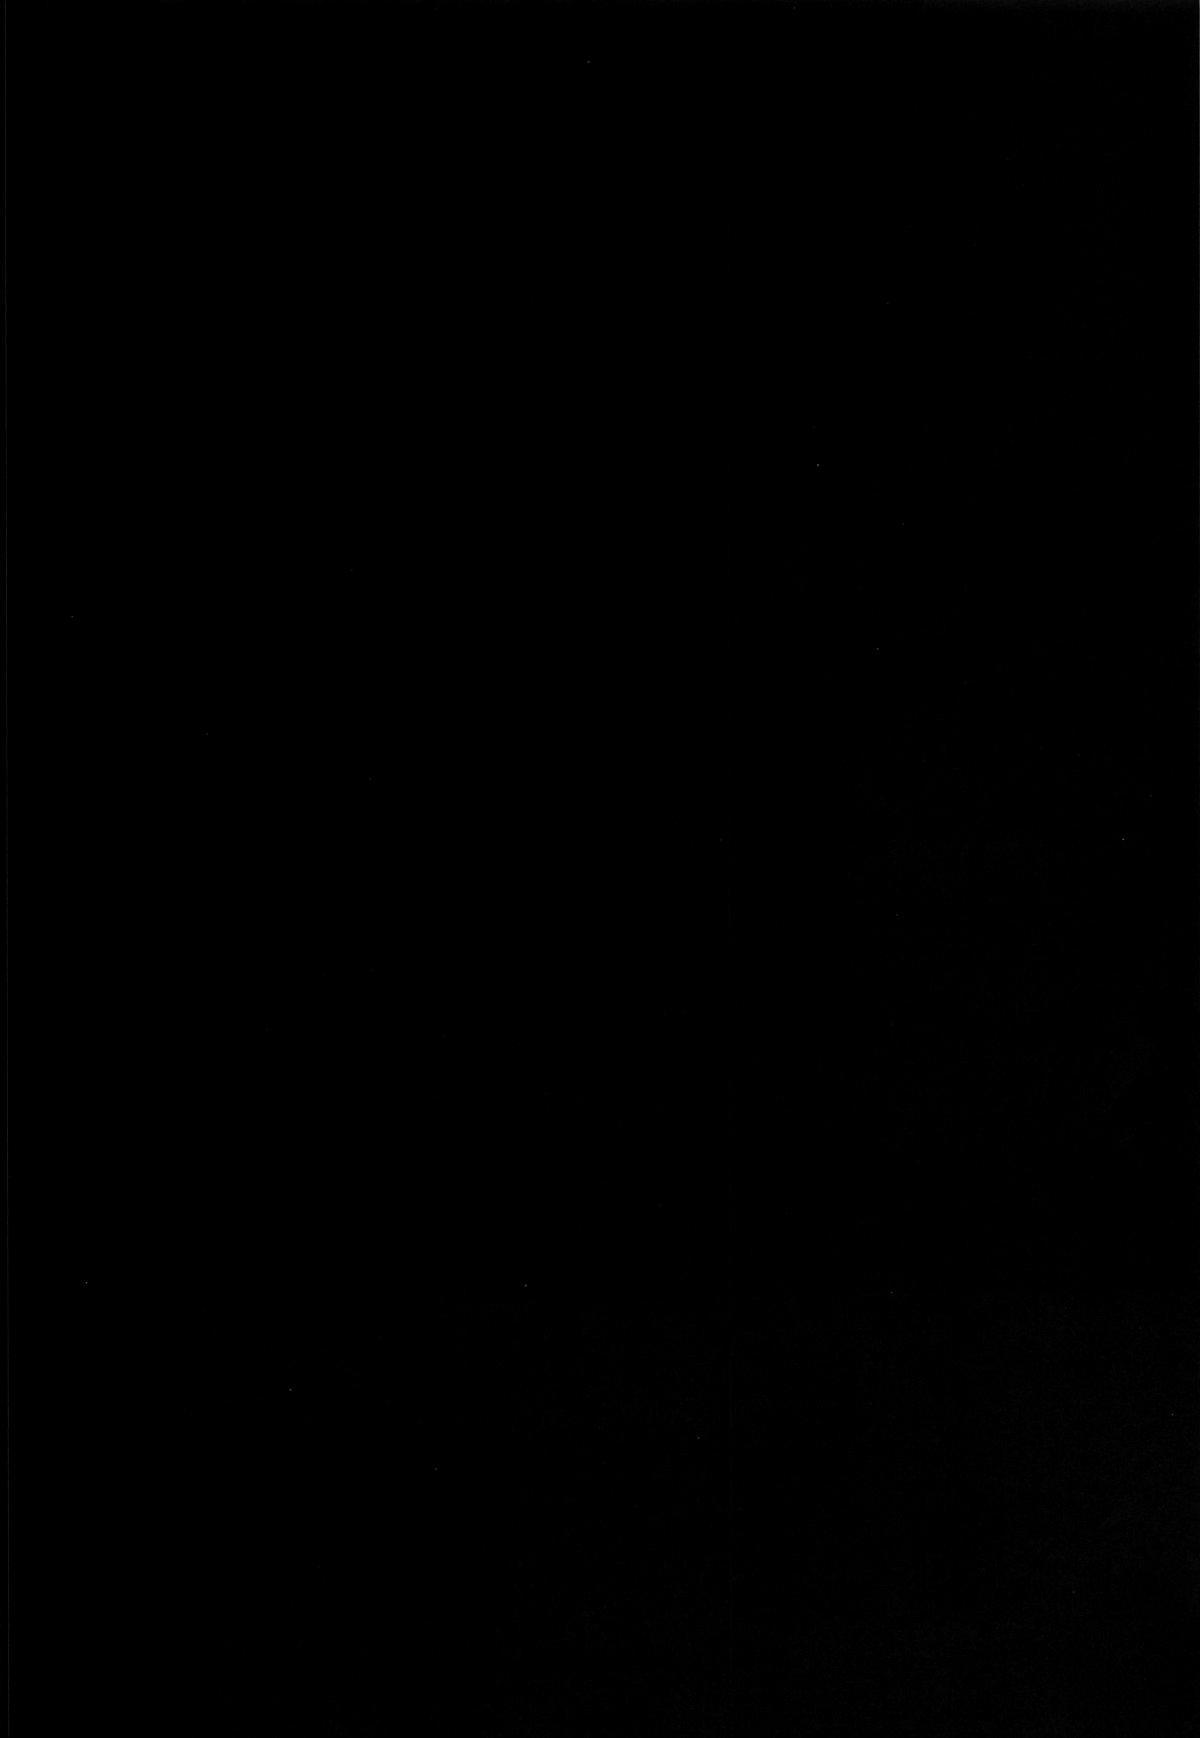 Inmon Megumin - Crotch Tattoo Megumin! 2